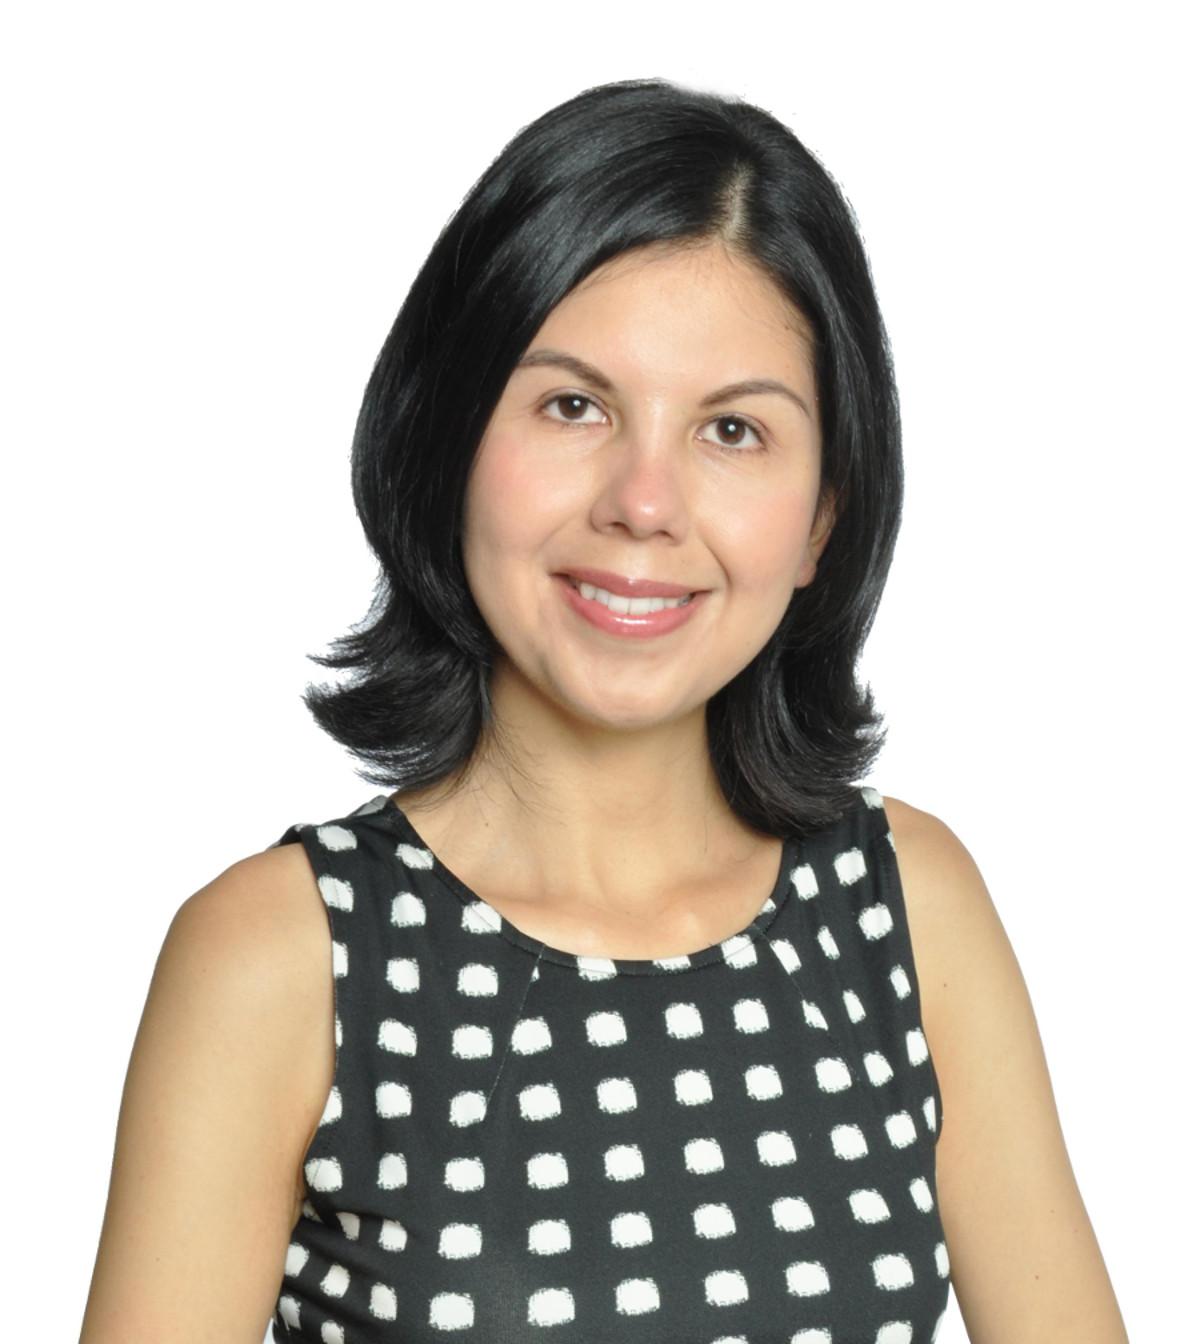 Sesiones de valoración con Karina Ausecha